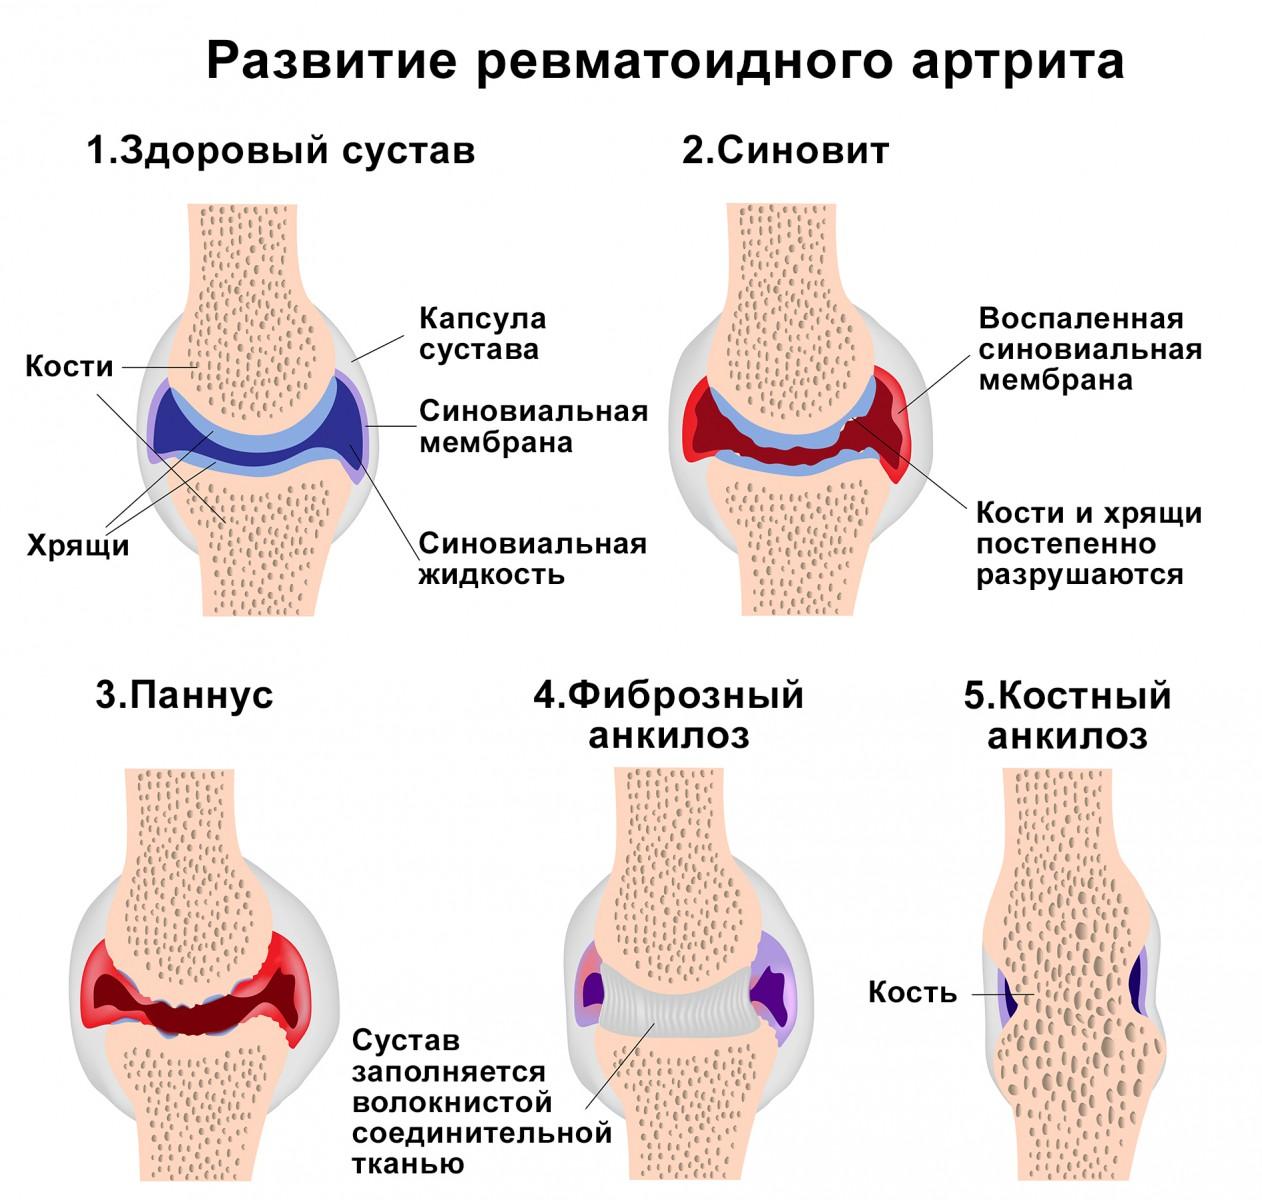 ревматоидный артрит развитие